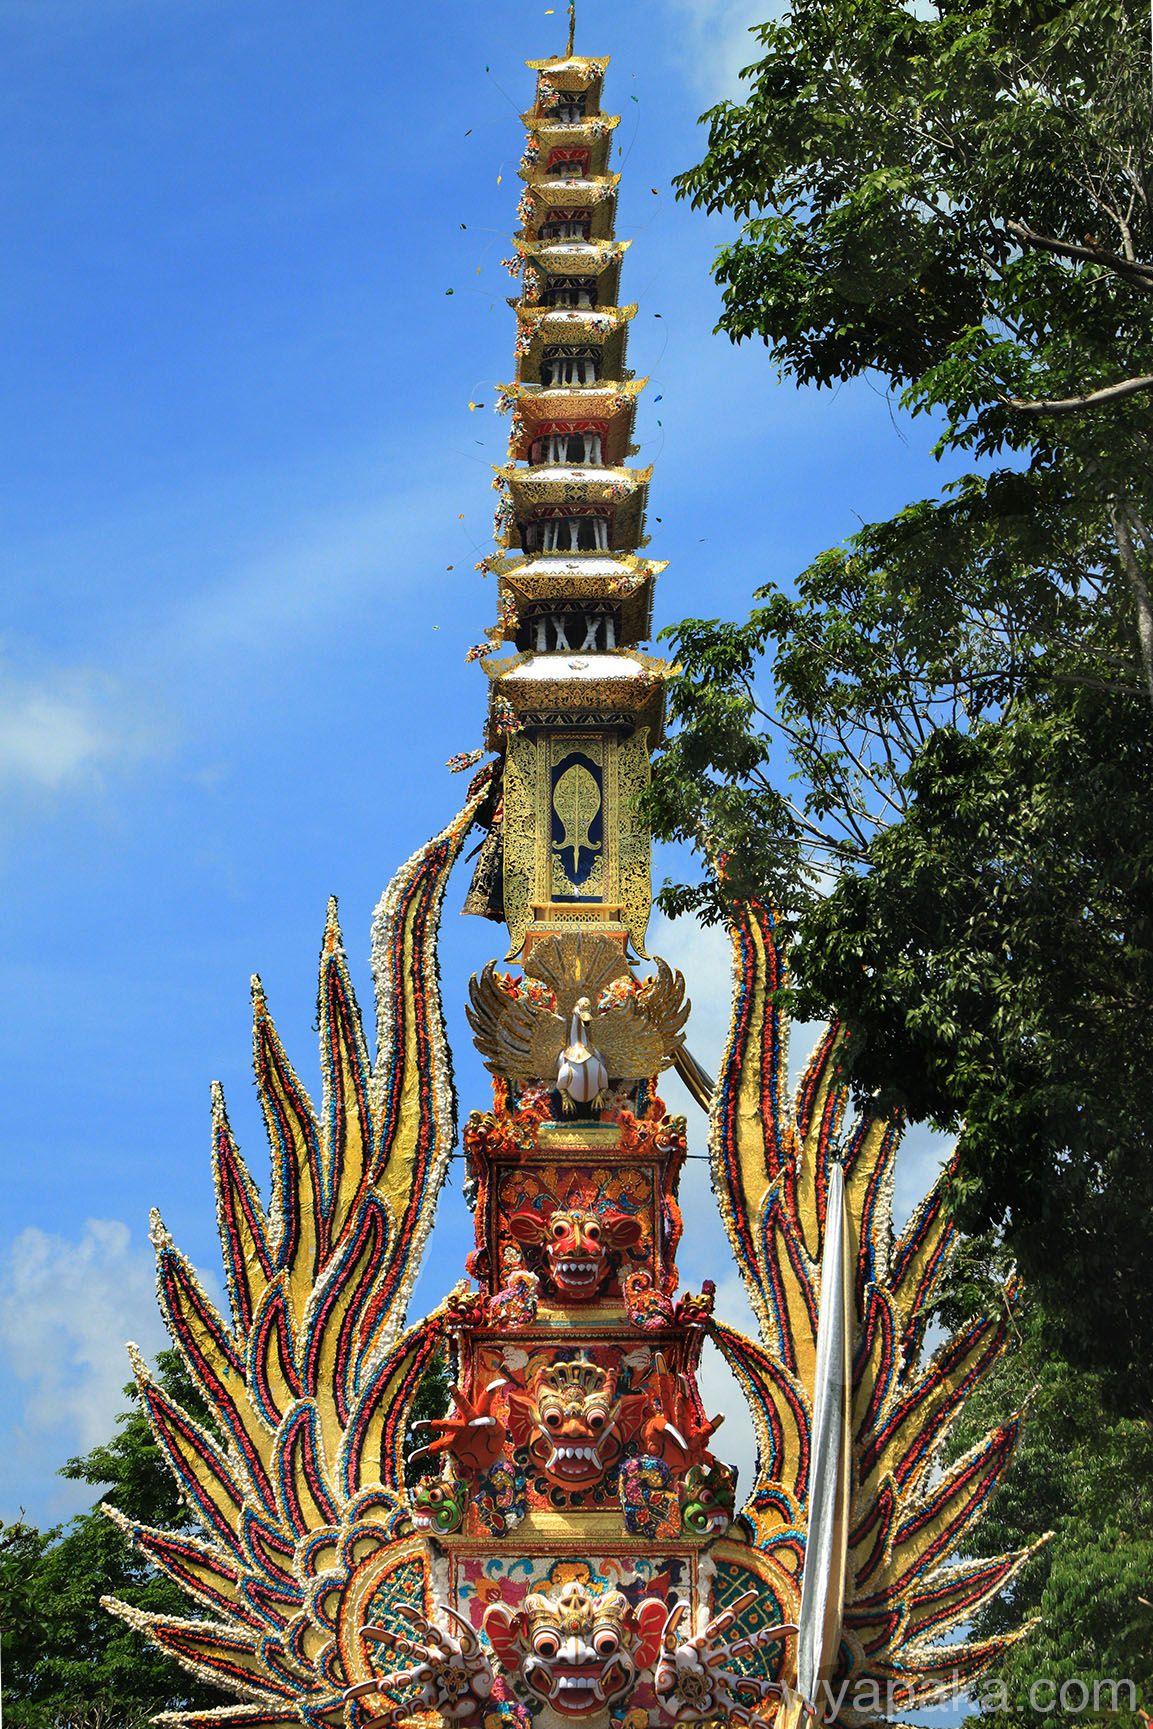 Bade Pelebon Ceremony in Bali Picture